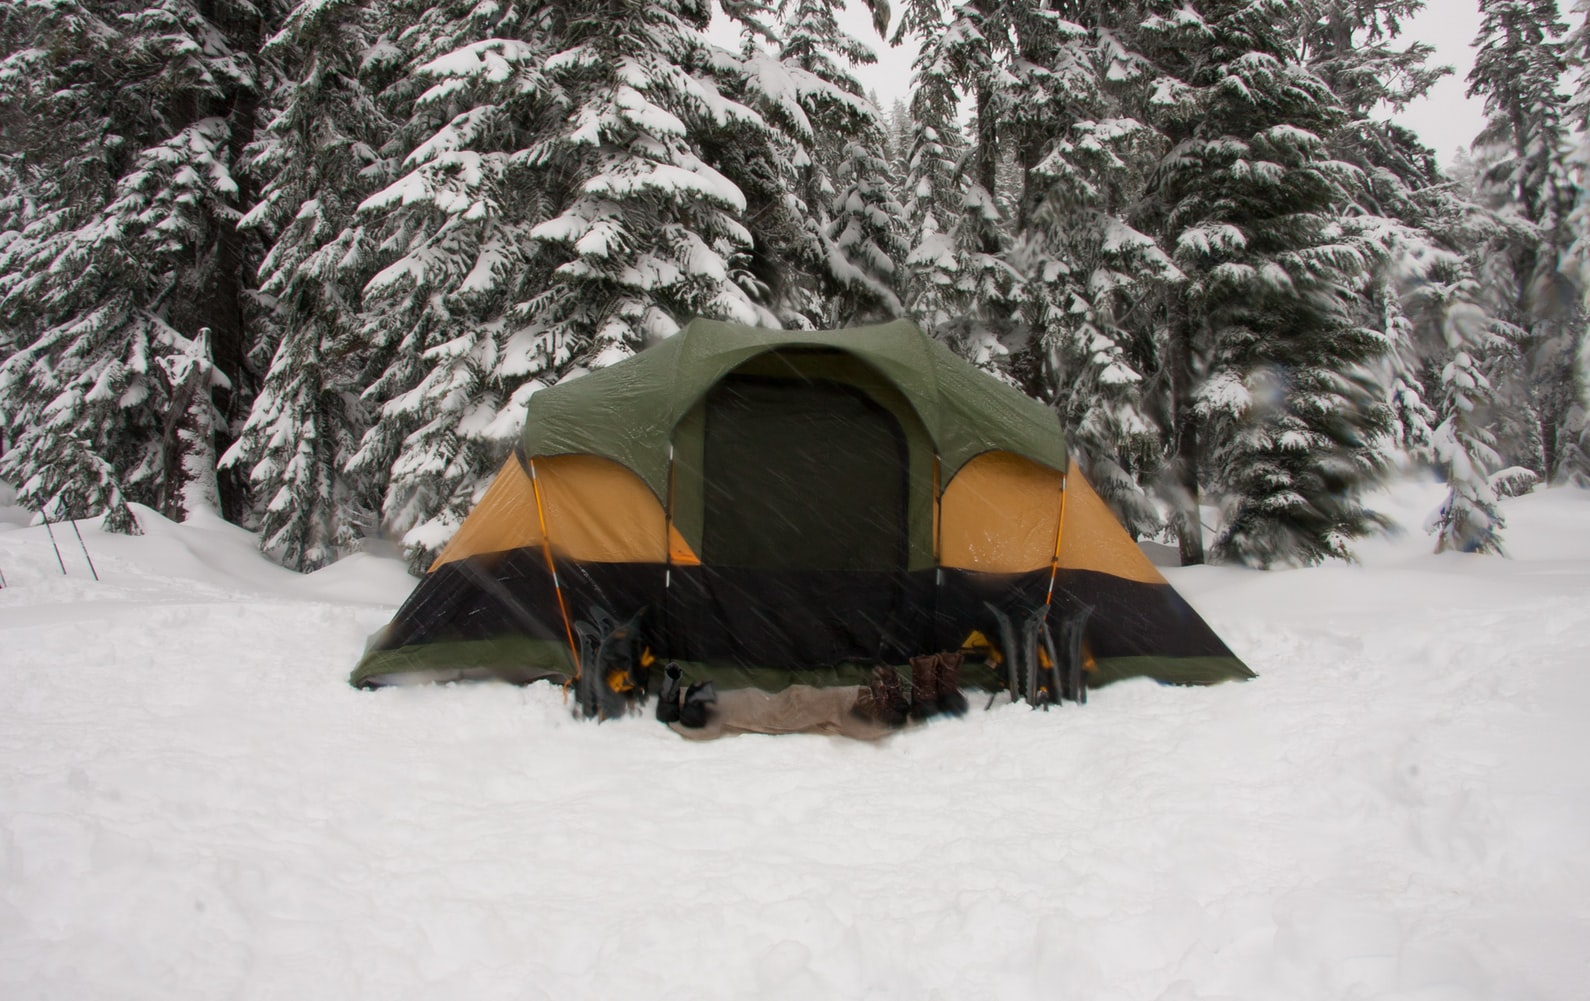 キャンプ初心者「忘れがちな必需品」10のリスト